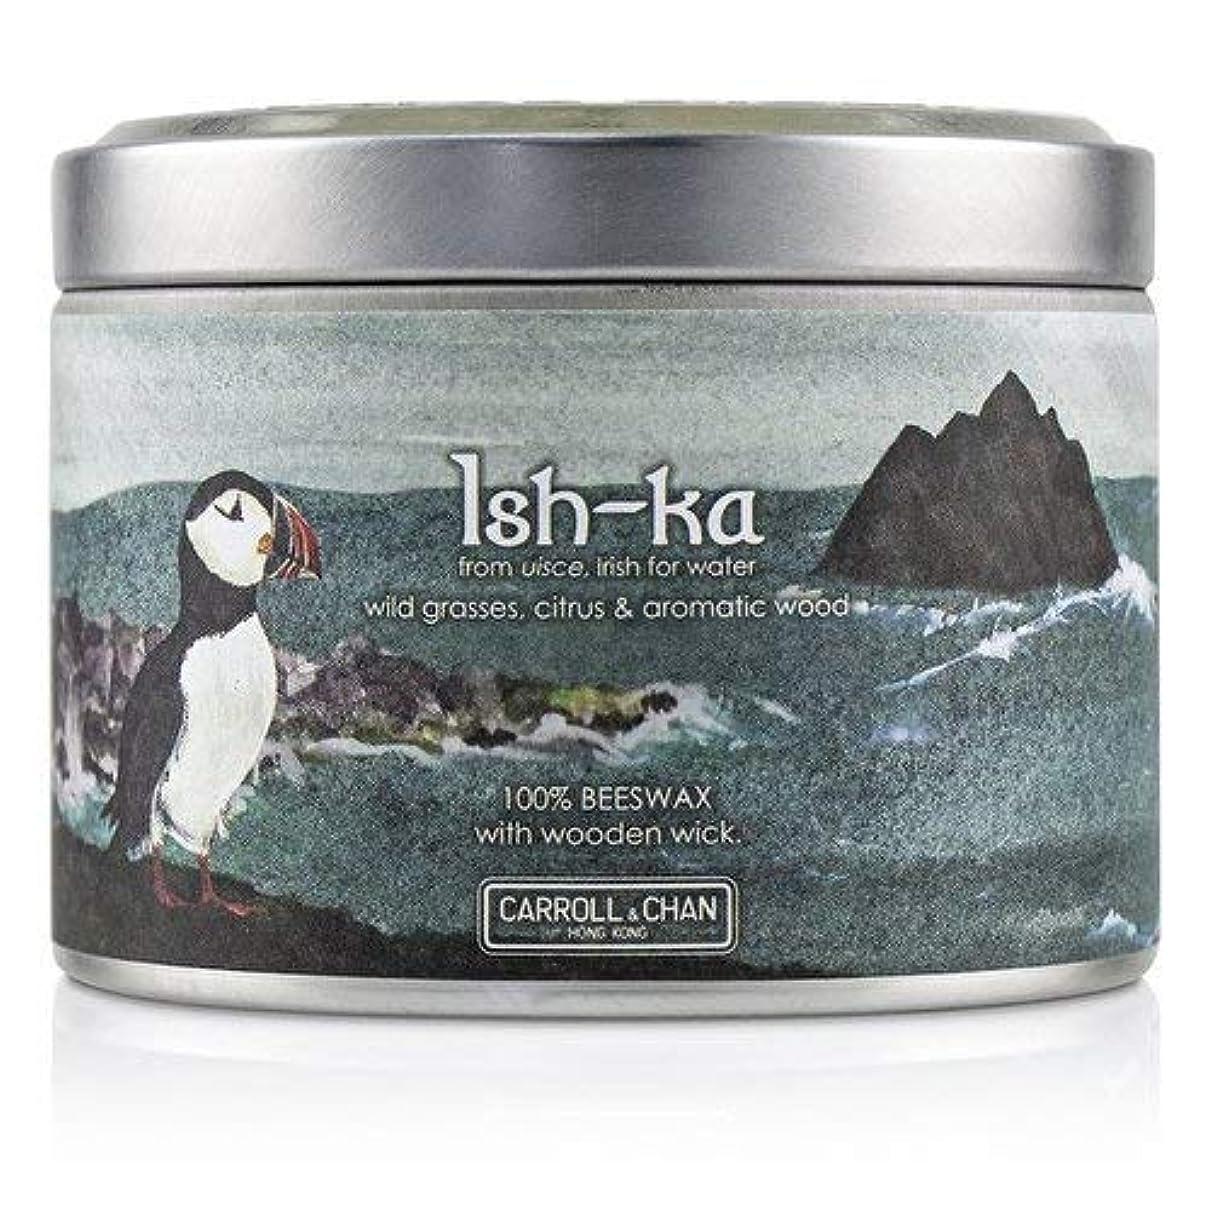 却下する現実的苦しむキャンドル?カンパニー Tin Can 100% Beeswax Candle with Wooden Wick - Ish-Ka (8x5) cm並行輸入品